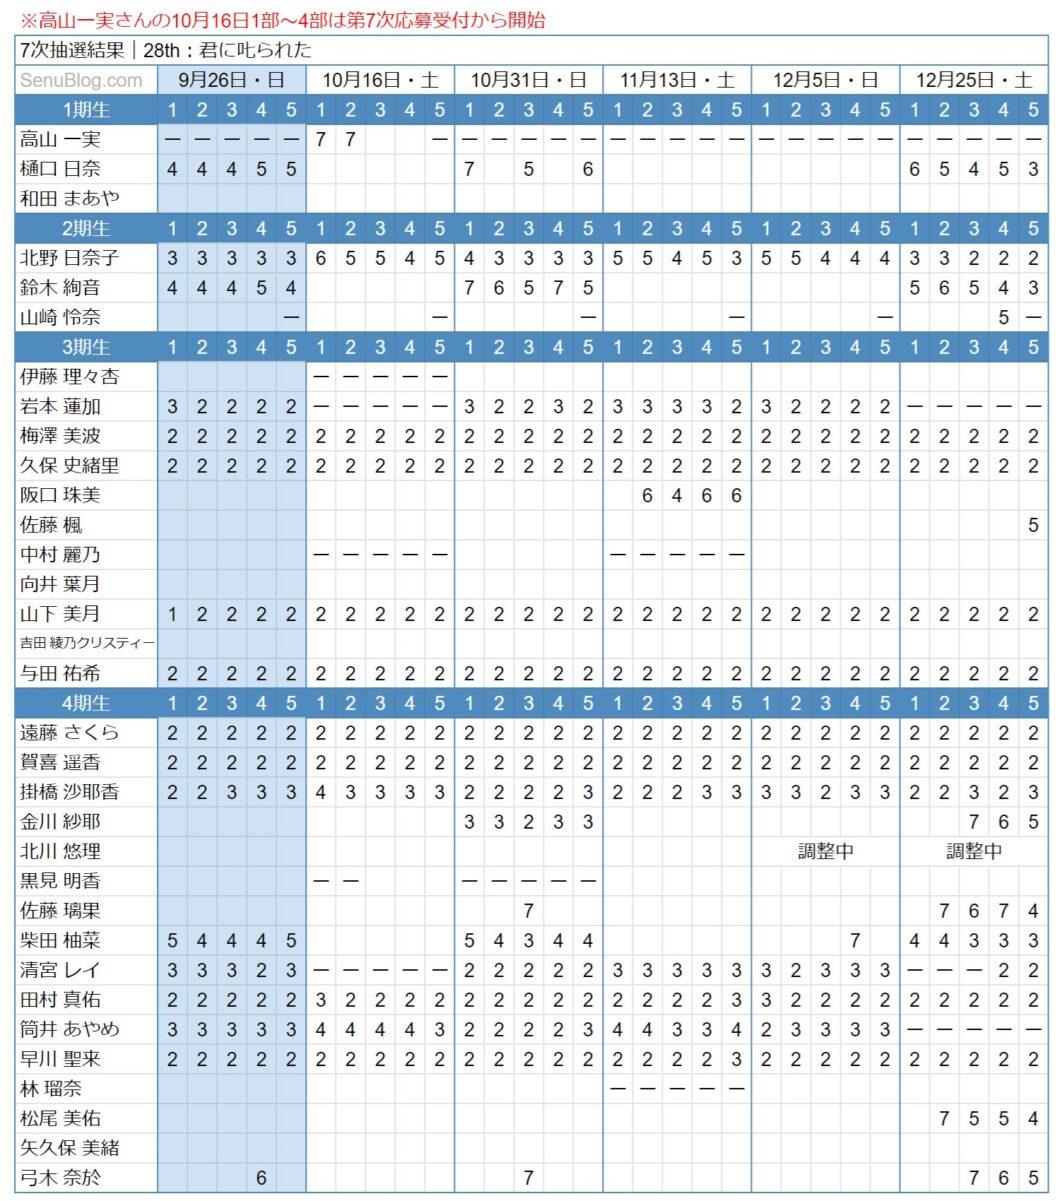 乃木坂 28th 完売表